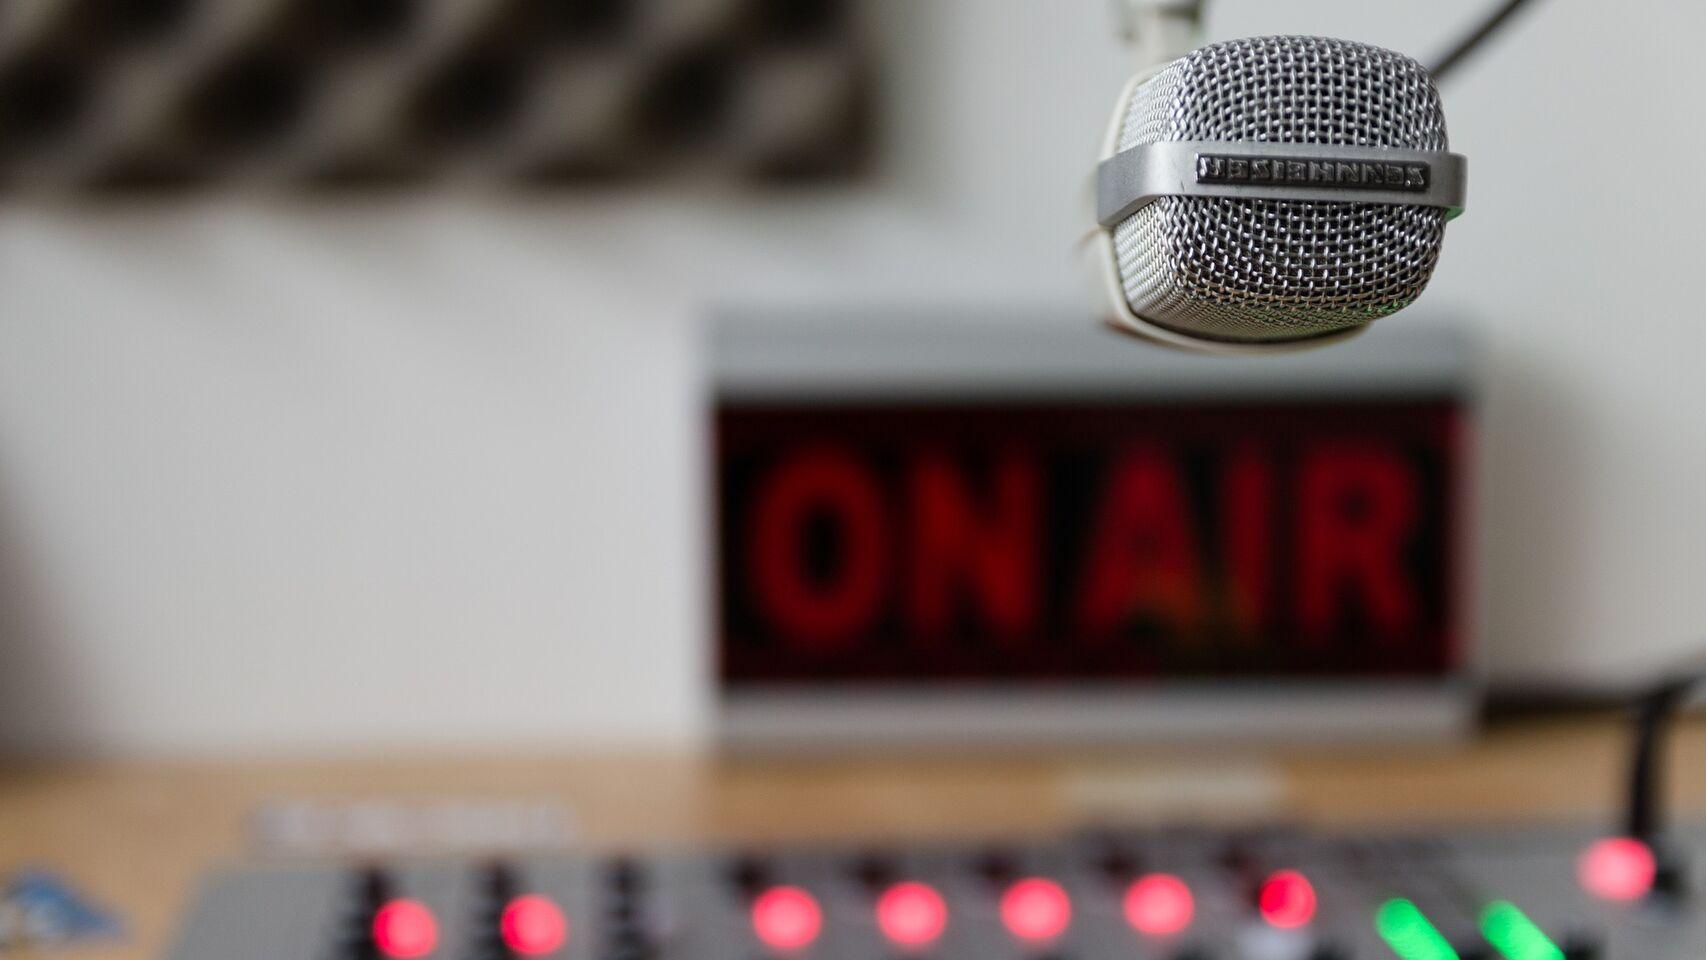 100 años después de esa primera trasmisión, Al Toque se suma a la hermosa aventura de la radio.